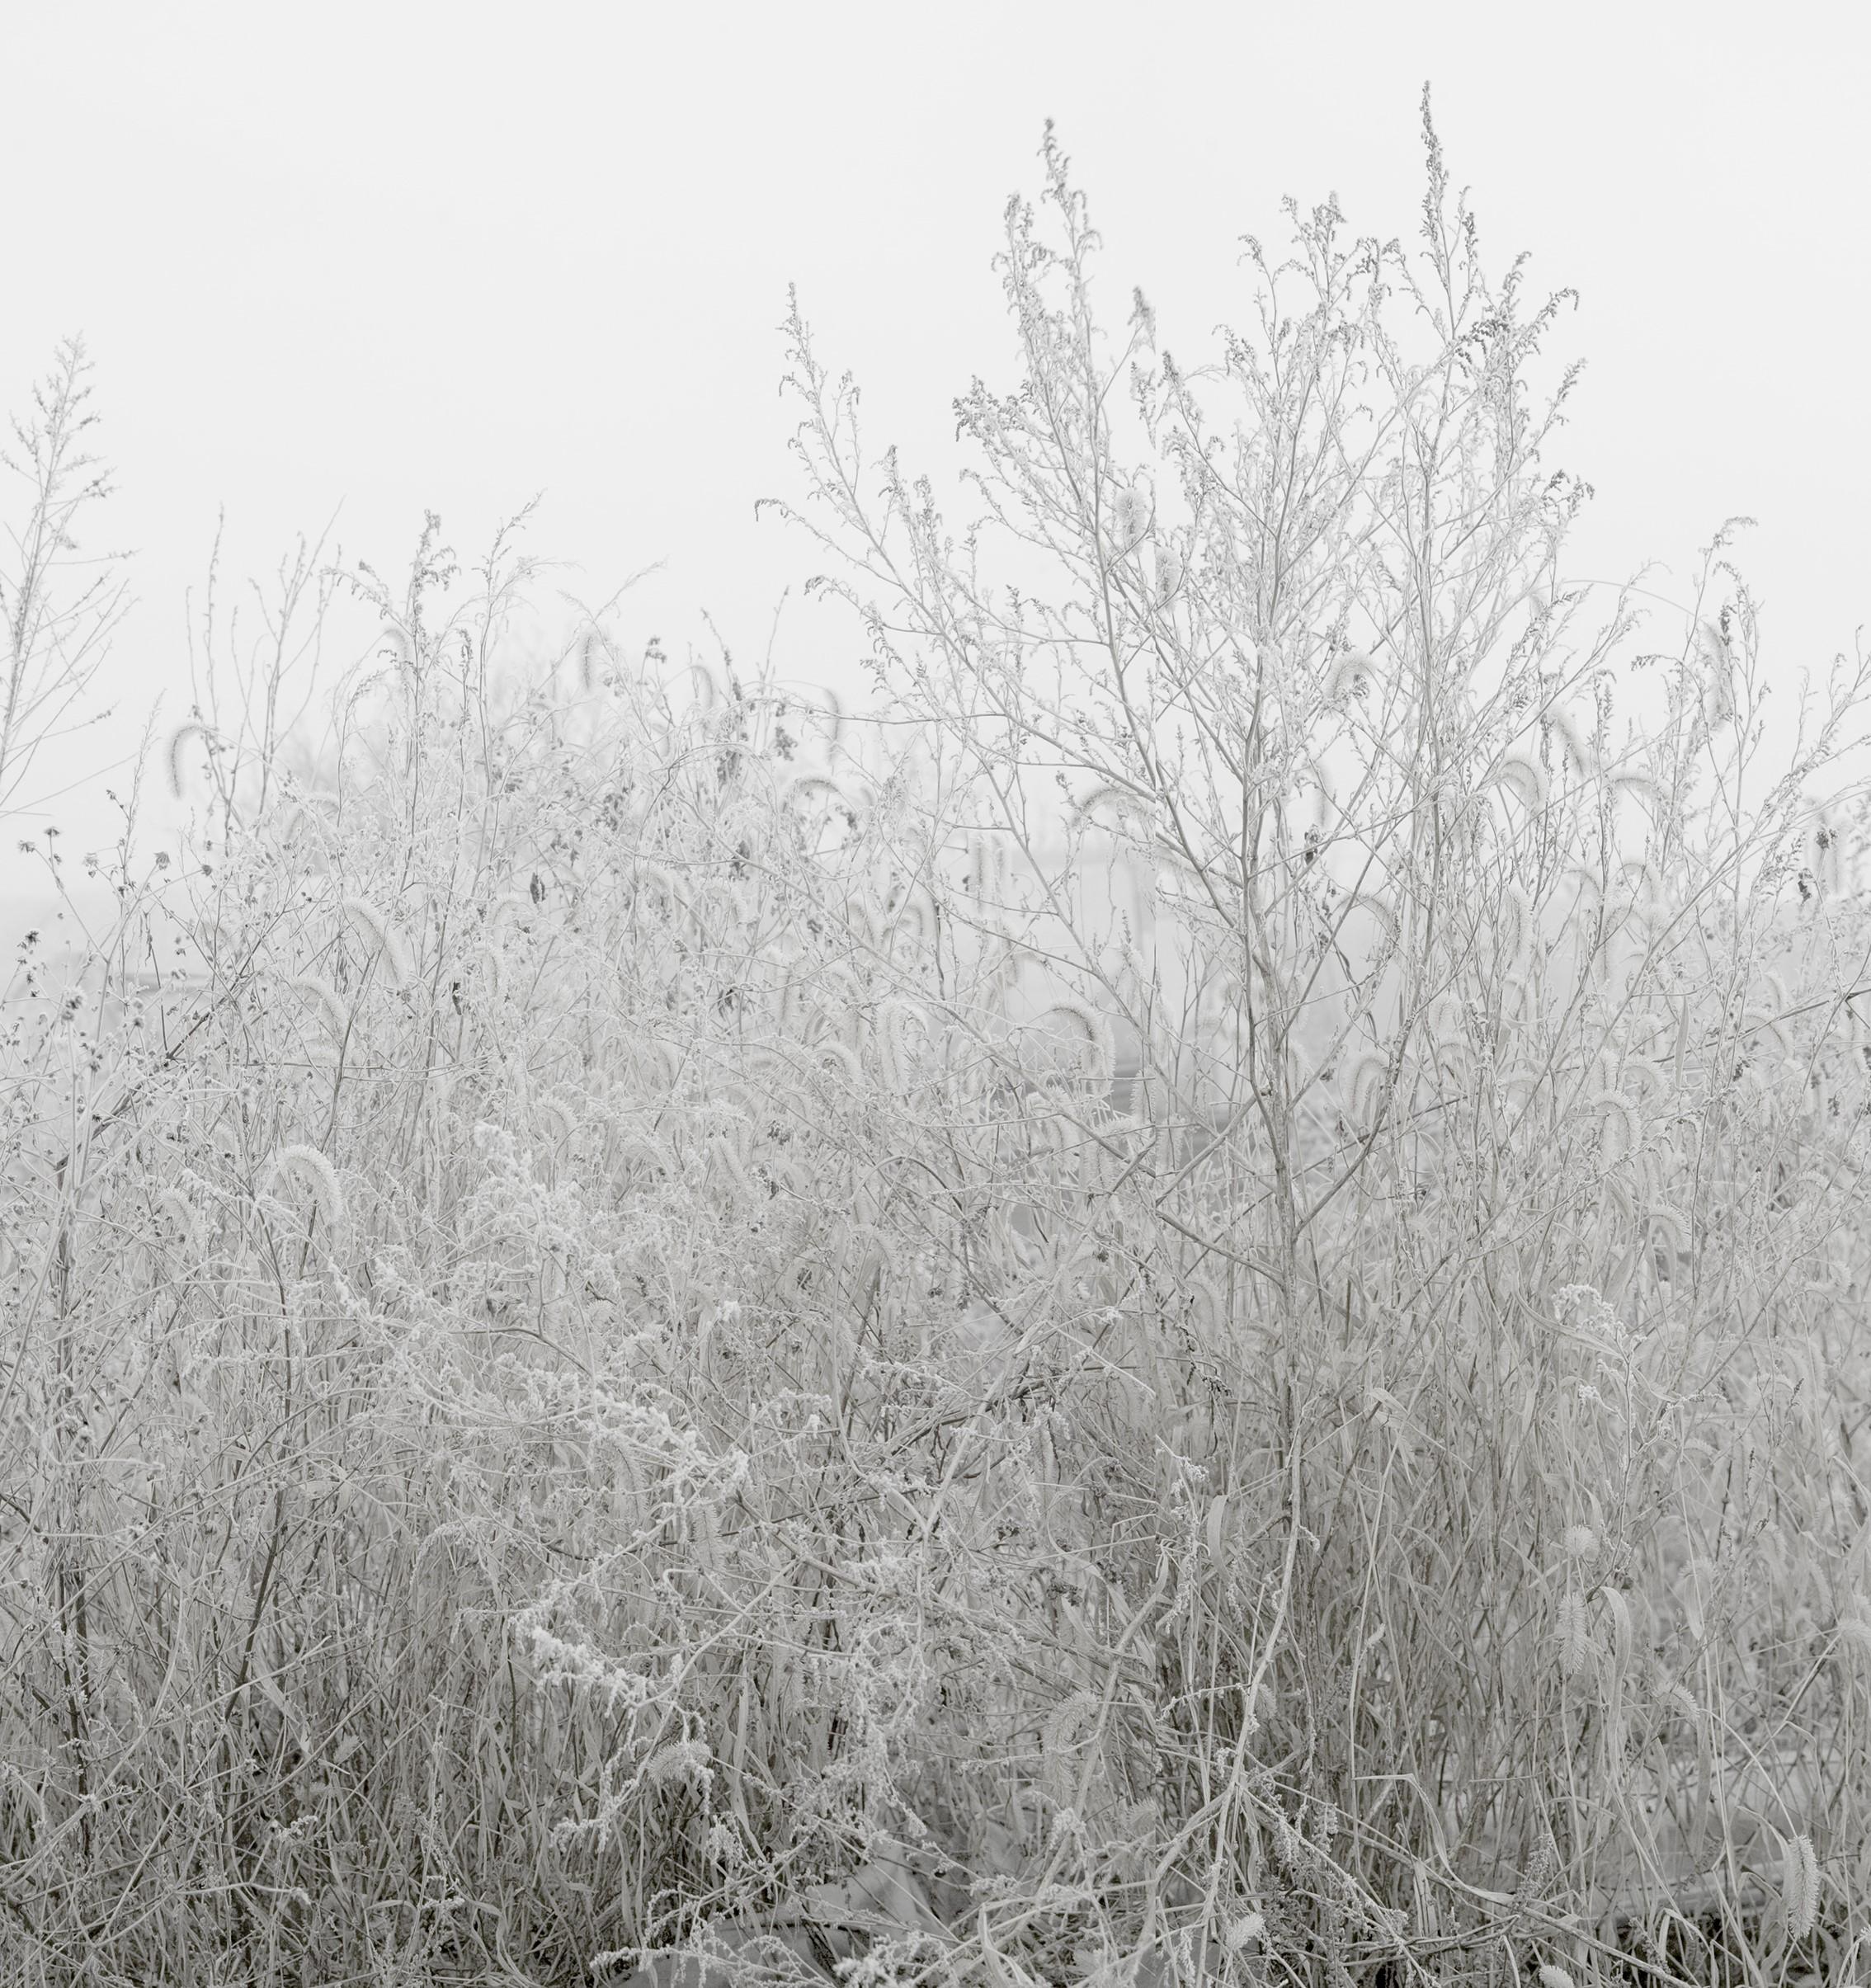 강홍구, 안개와 서리 1, 디지털 프린트, 108x92cm, 2012